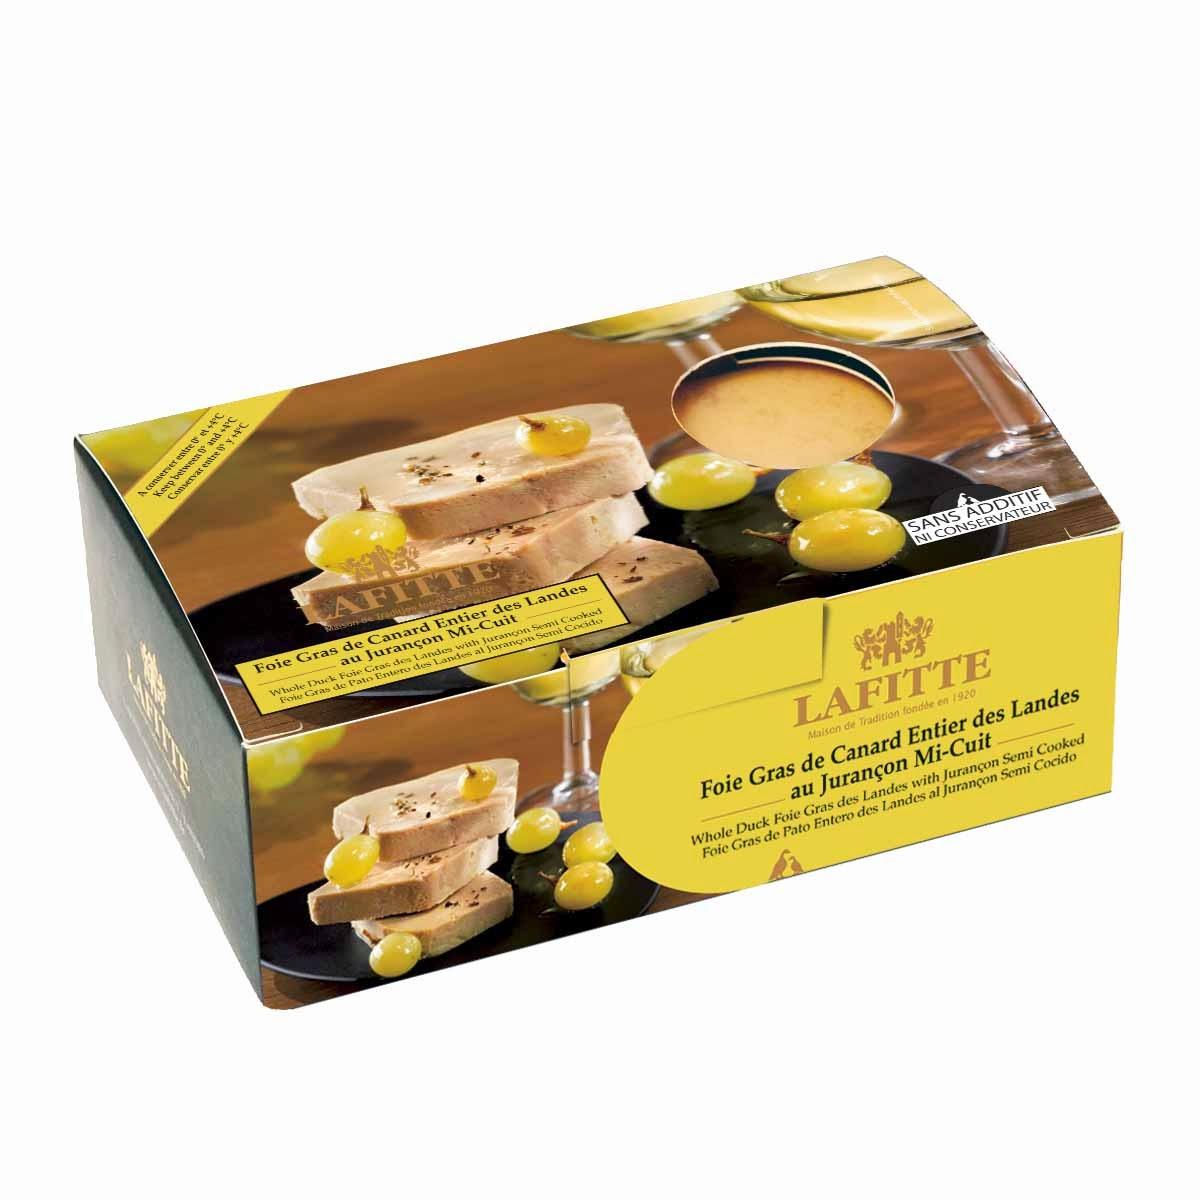 Thymcitron2 les communiqu s foie gras maison lafitte - Maison lafitte foie gras ...